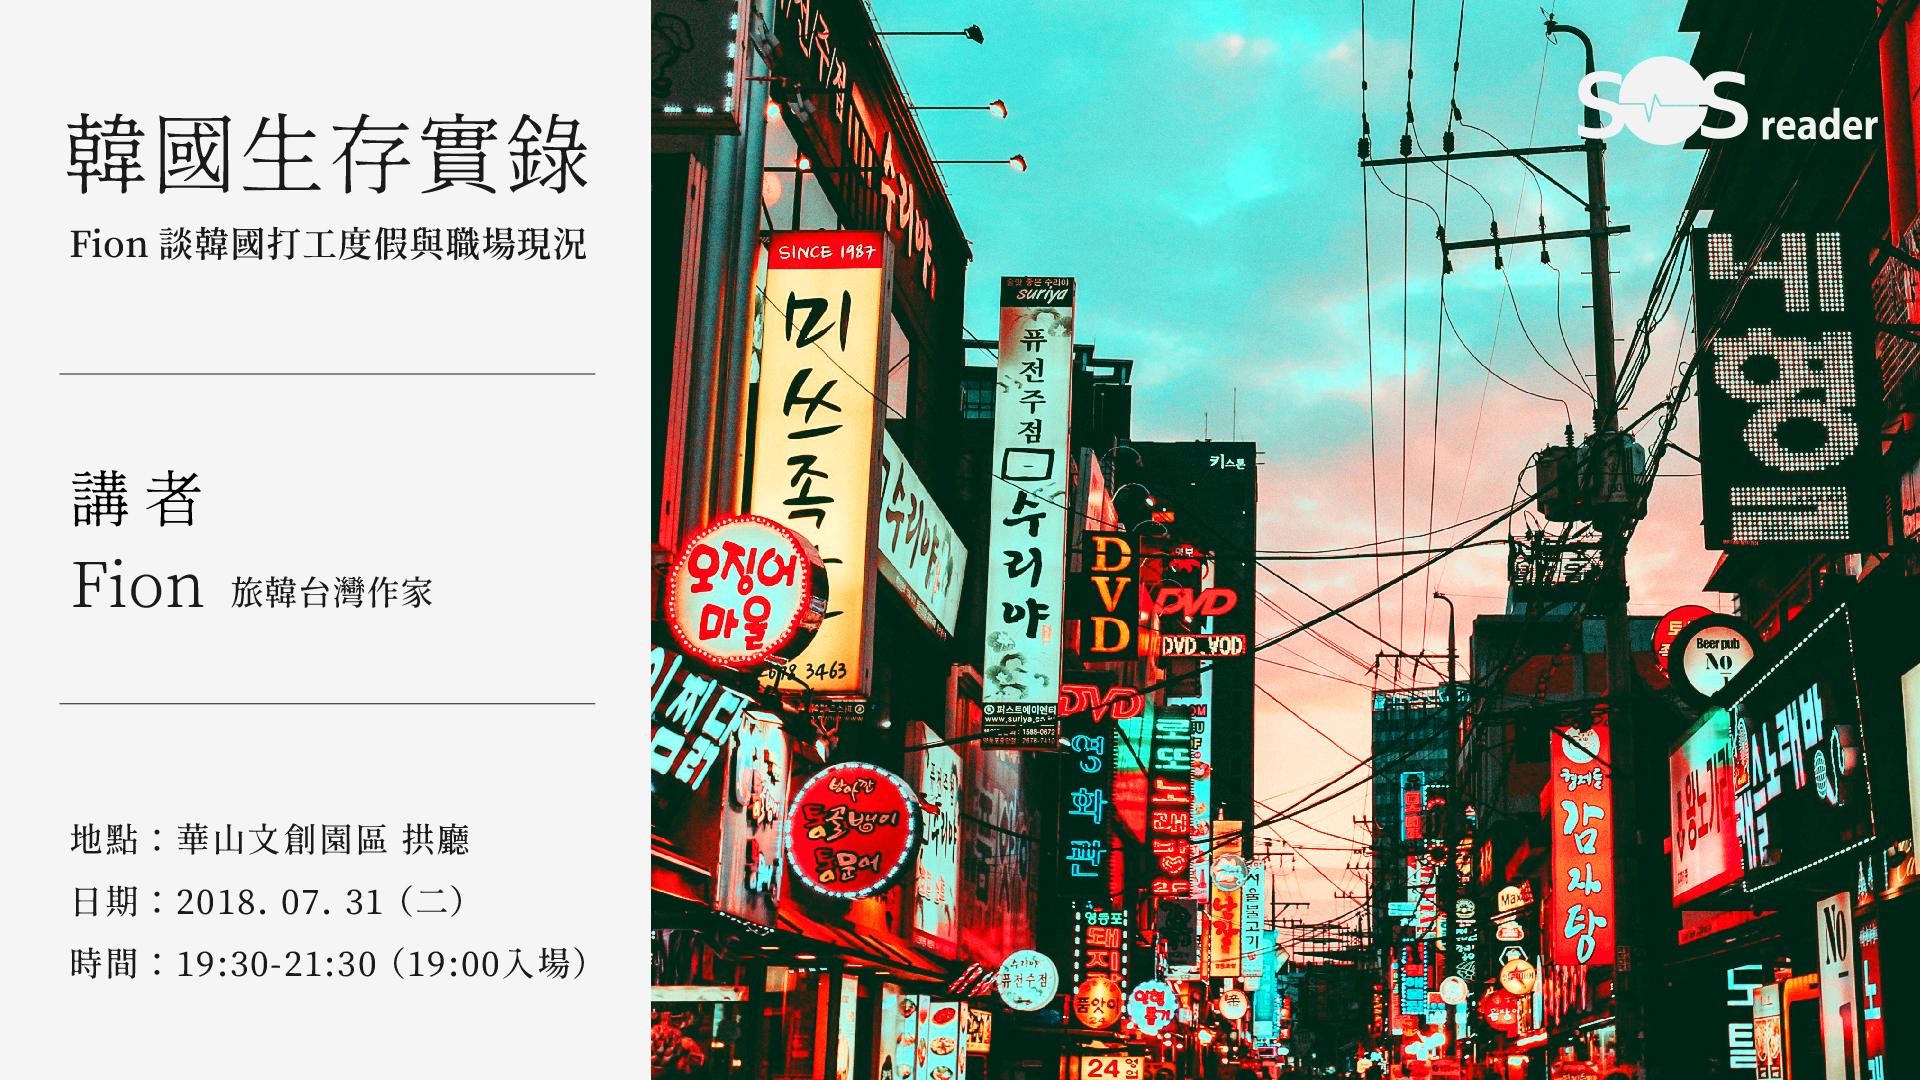 韓國生存實錄:Fion 談打工旅遊與職場實況-2018/07/31